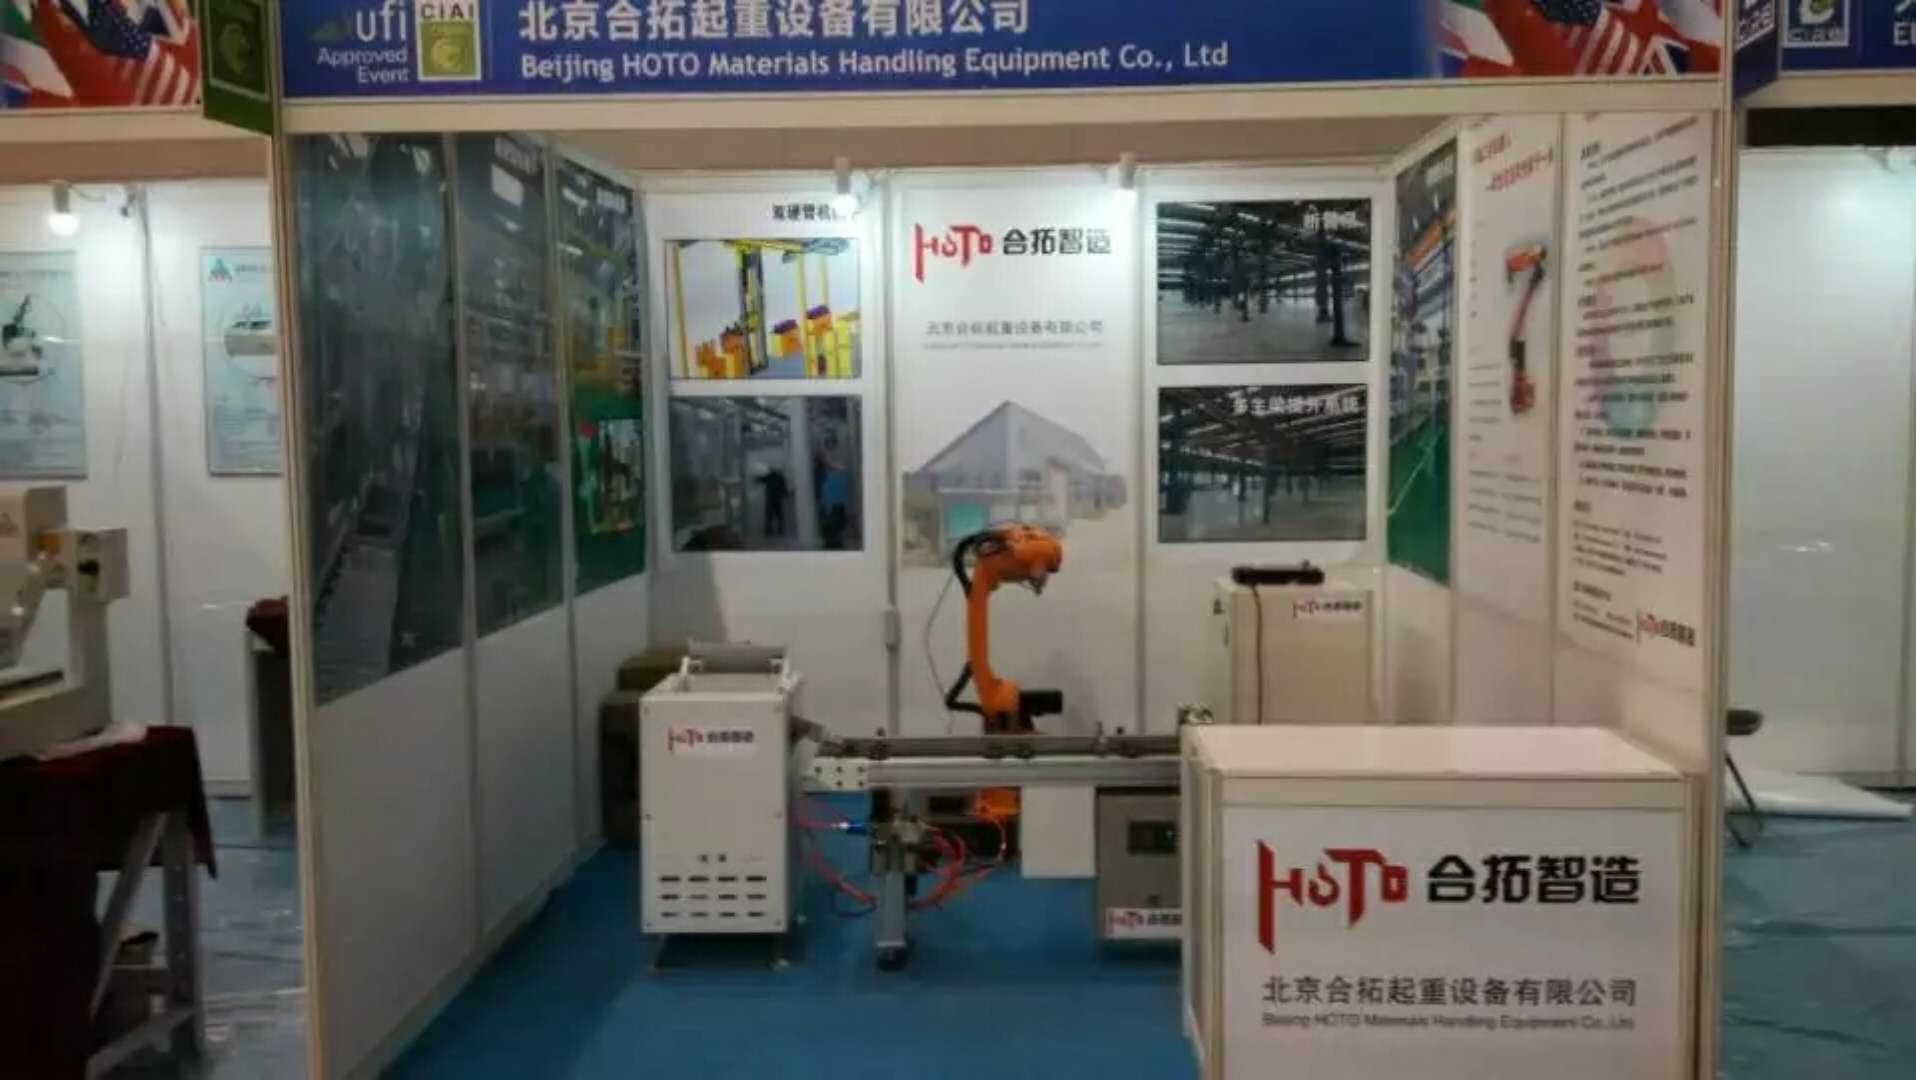 2016.3.9-12天津梅江会展中心国际工业机器人展览会~国际工业自动化技术装备展会